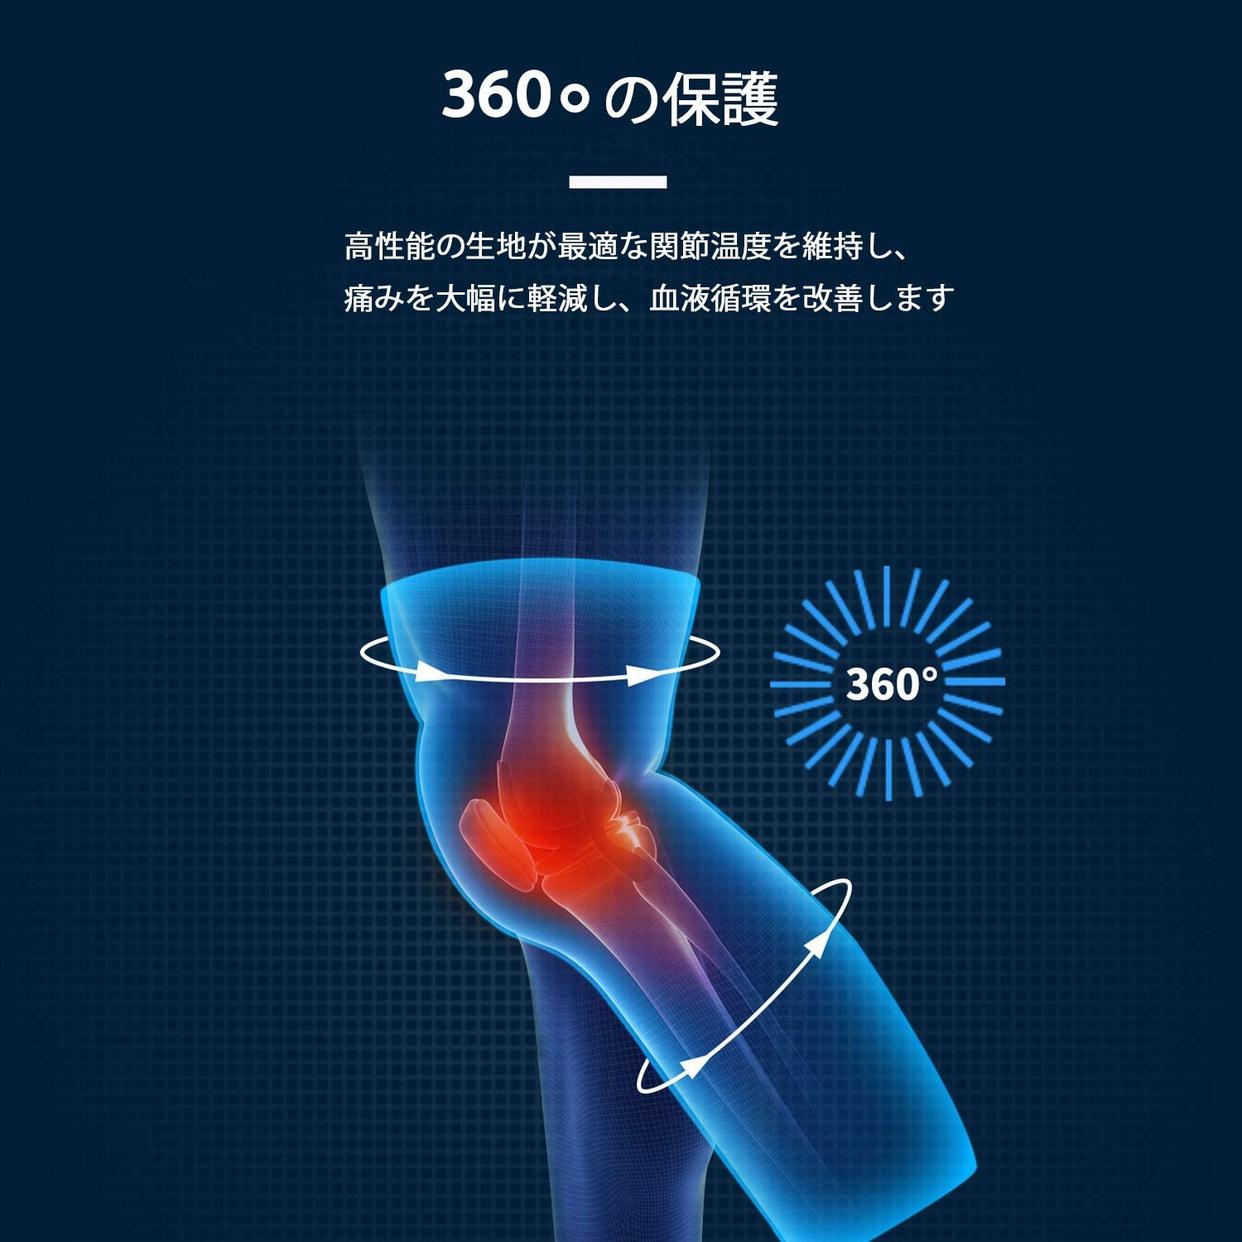 SKDK(エスケーディーケー) 膝サポーター ロングコンプレッションレッグスリーブの商品画像4